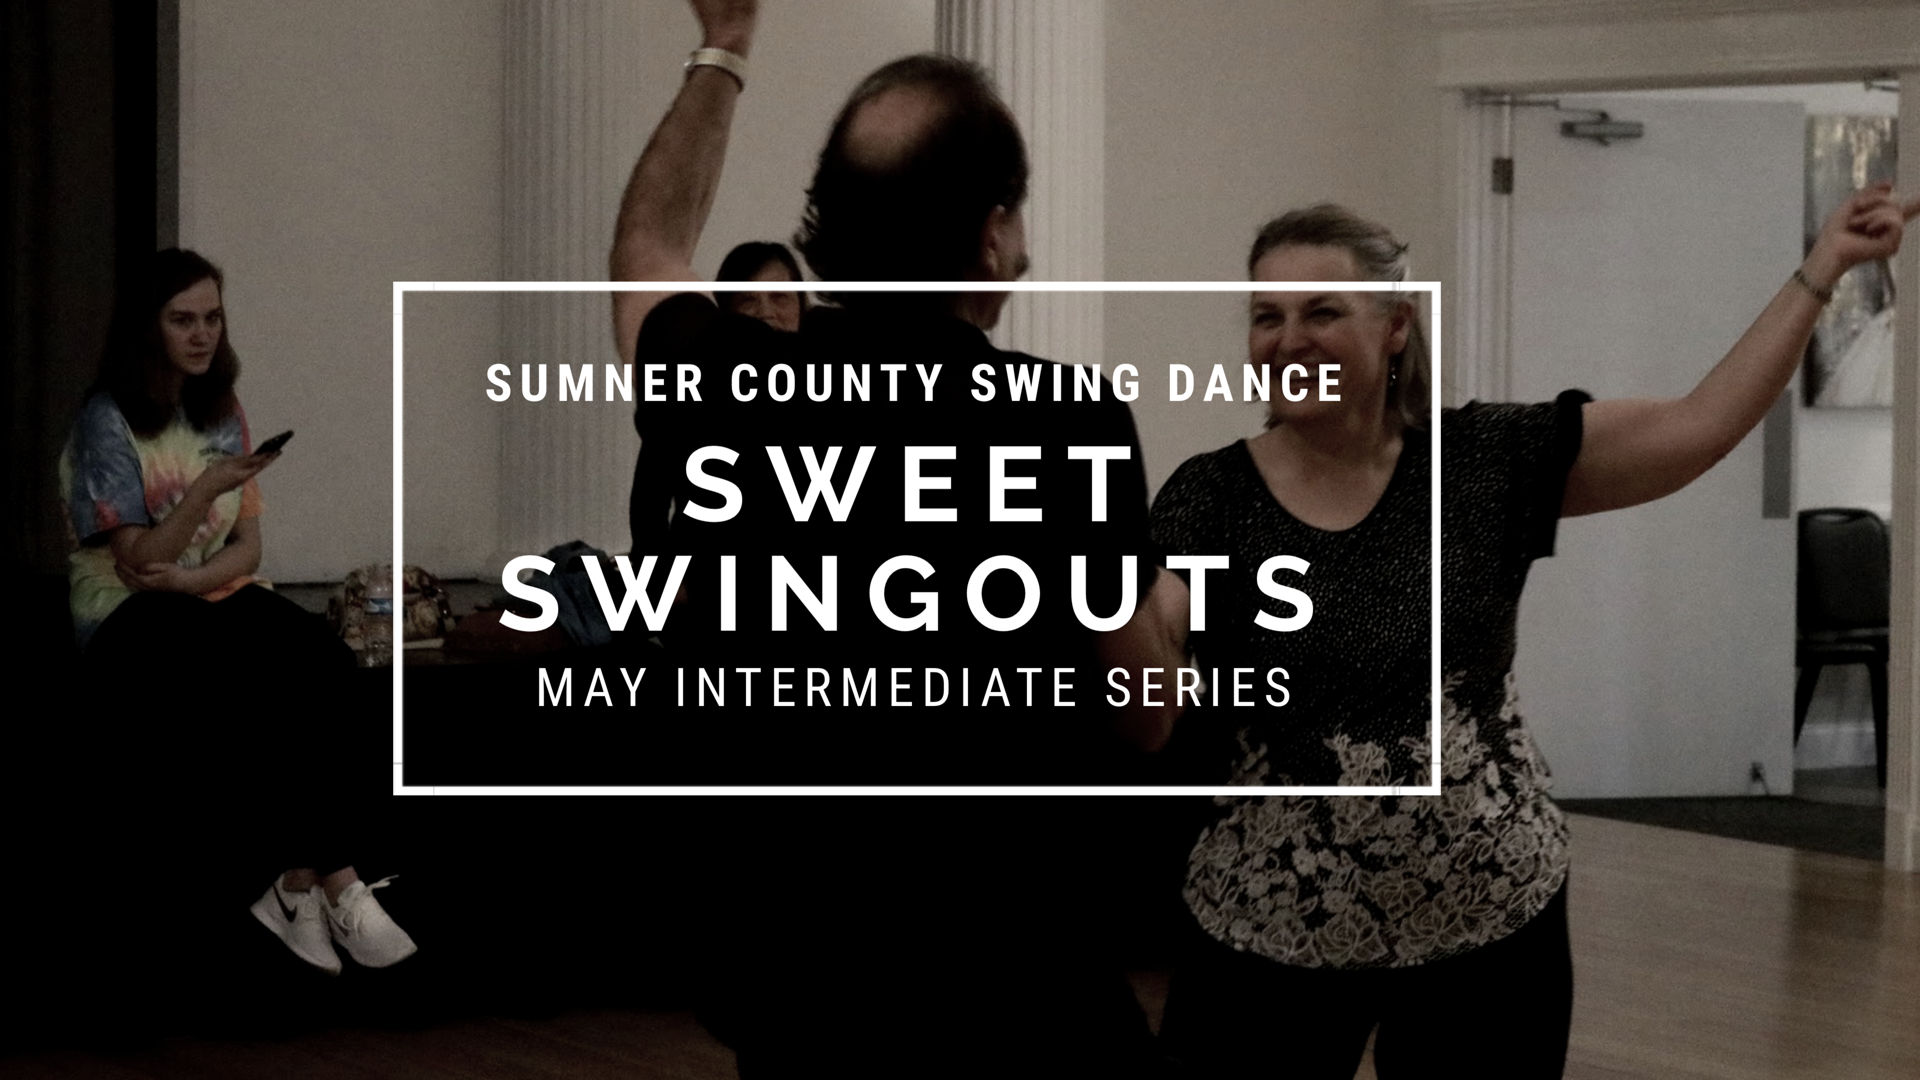 Swingouts